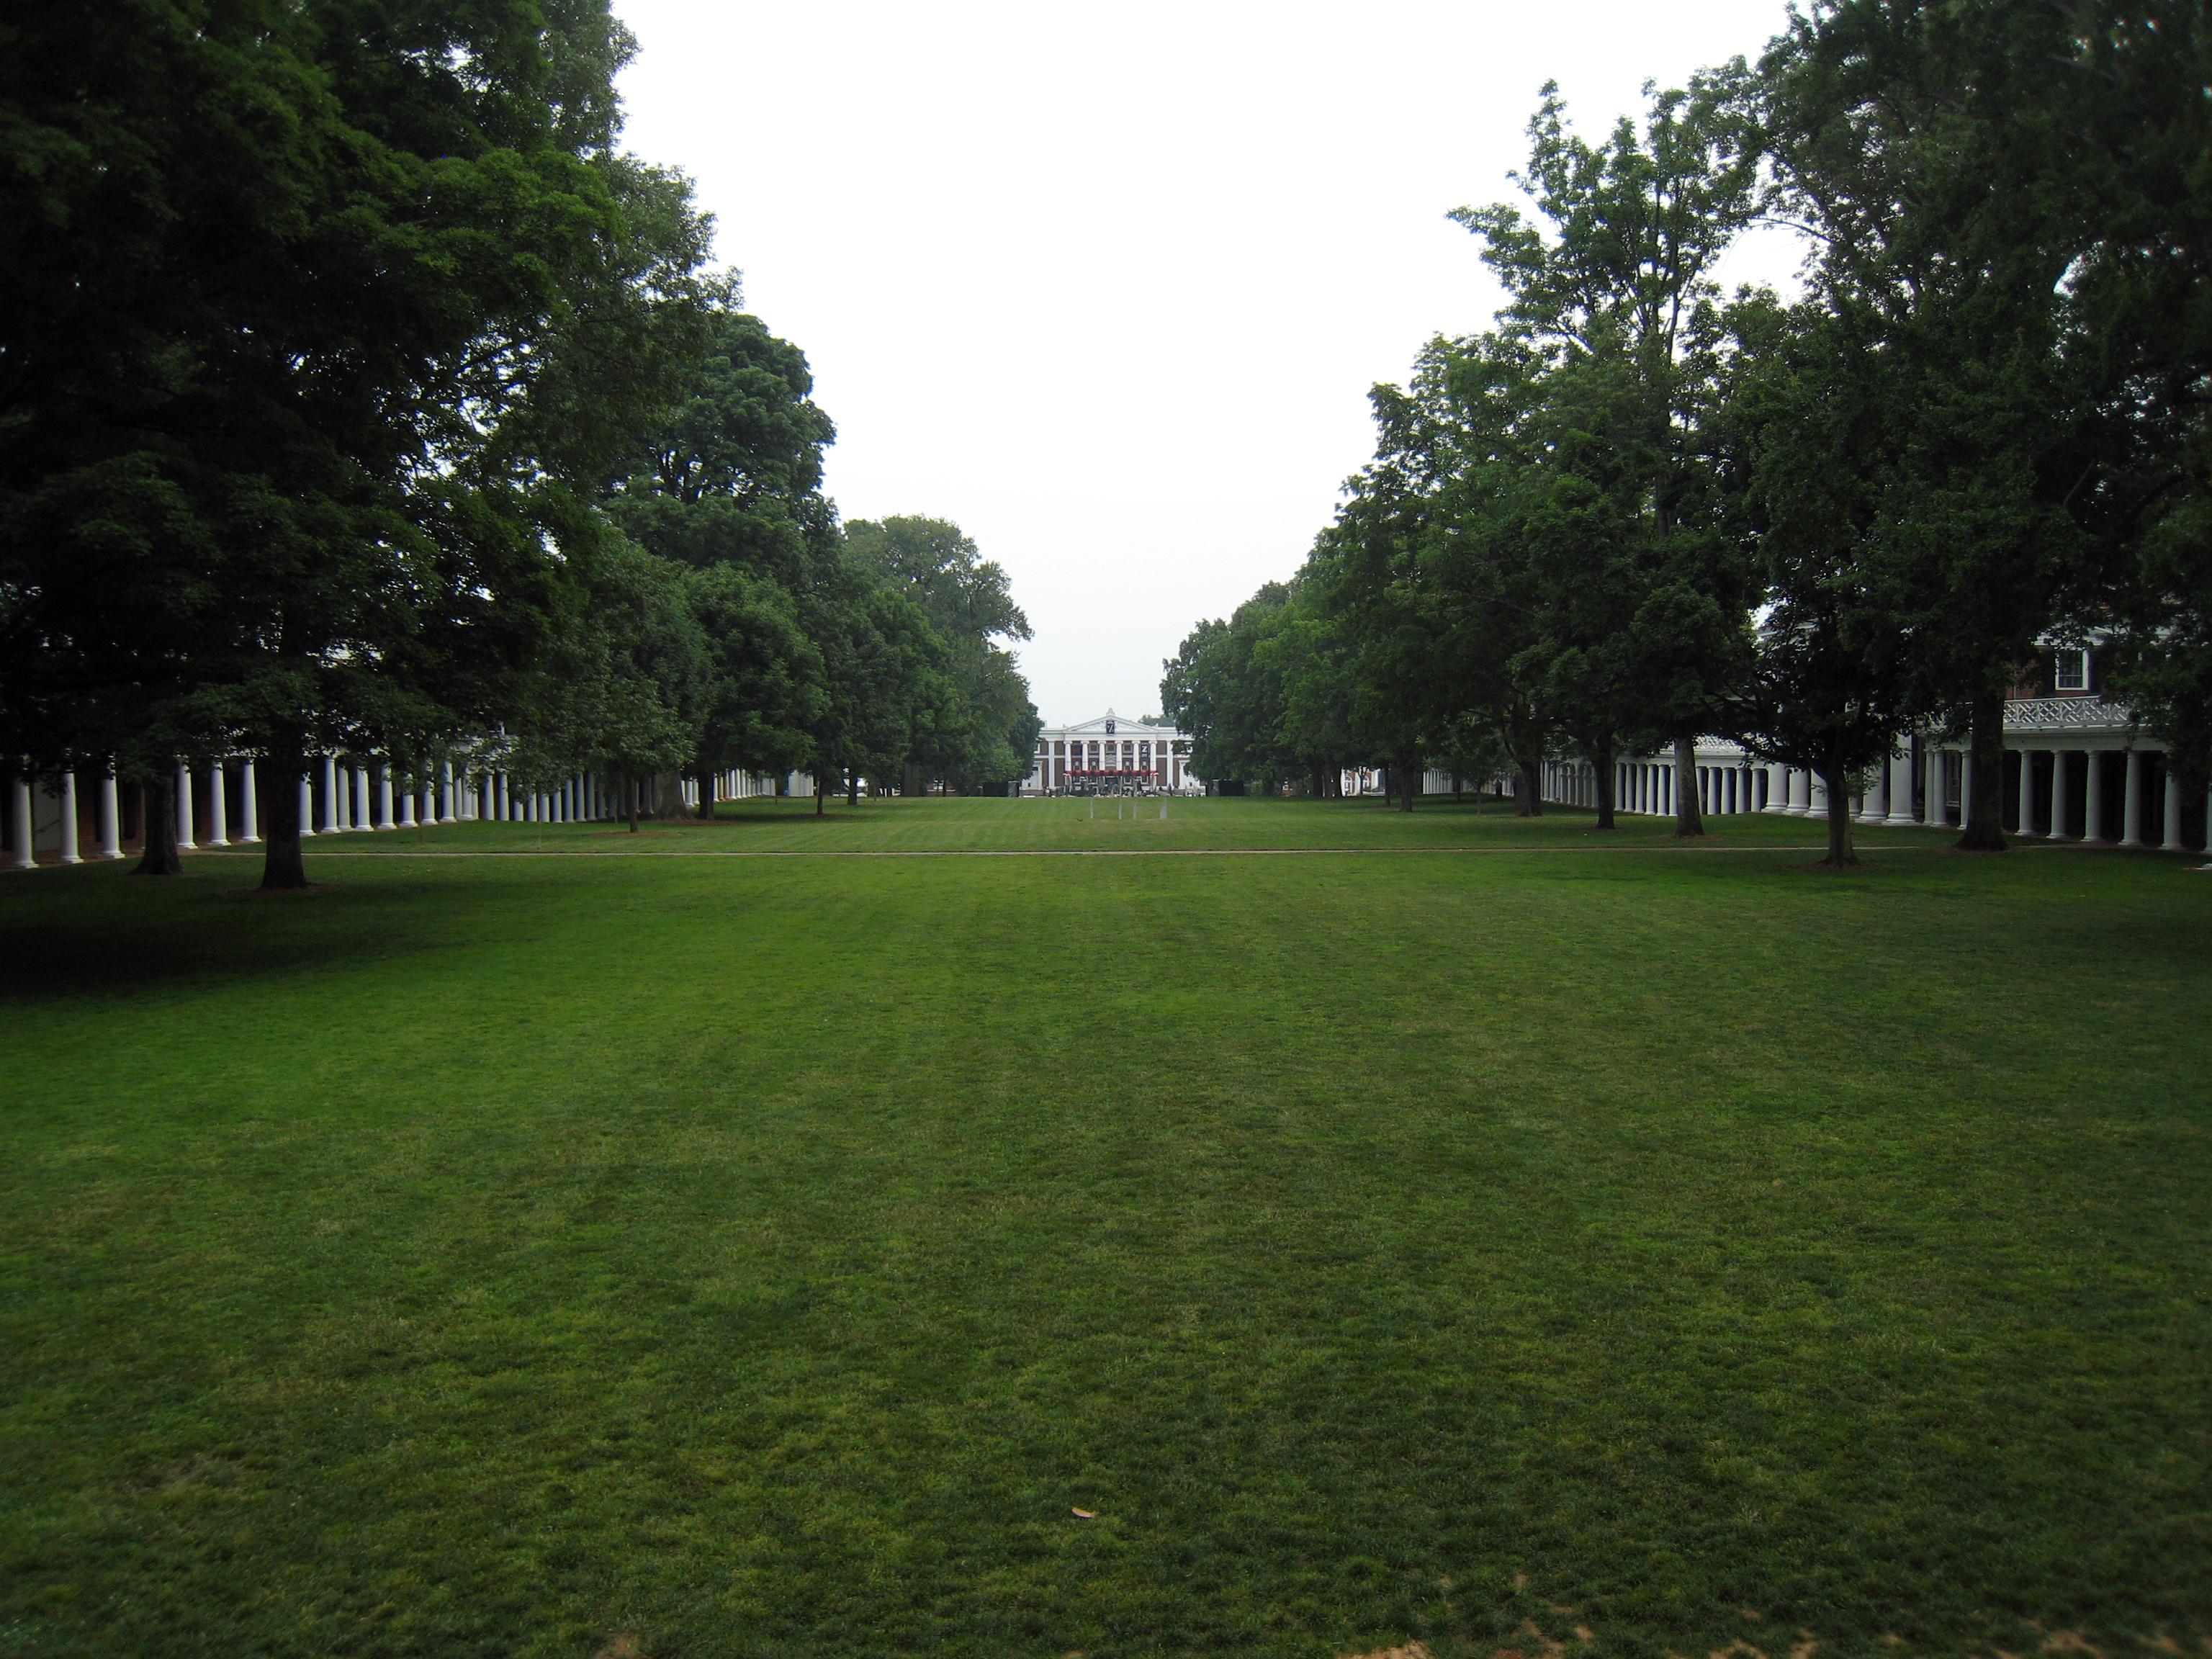 the_lawn_uva_2007